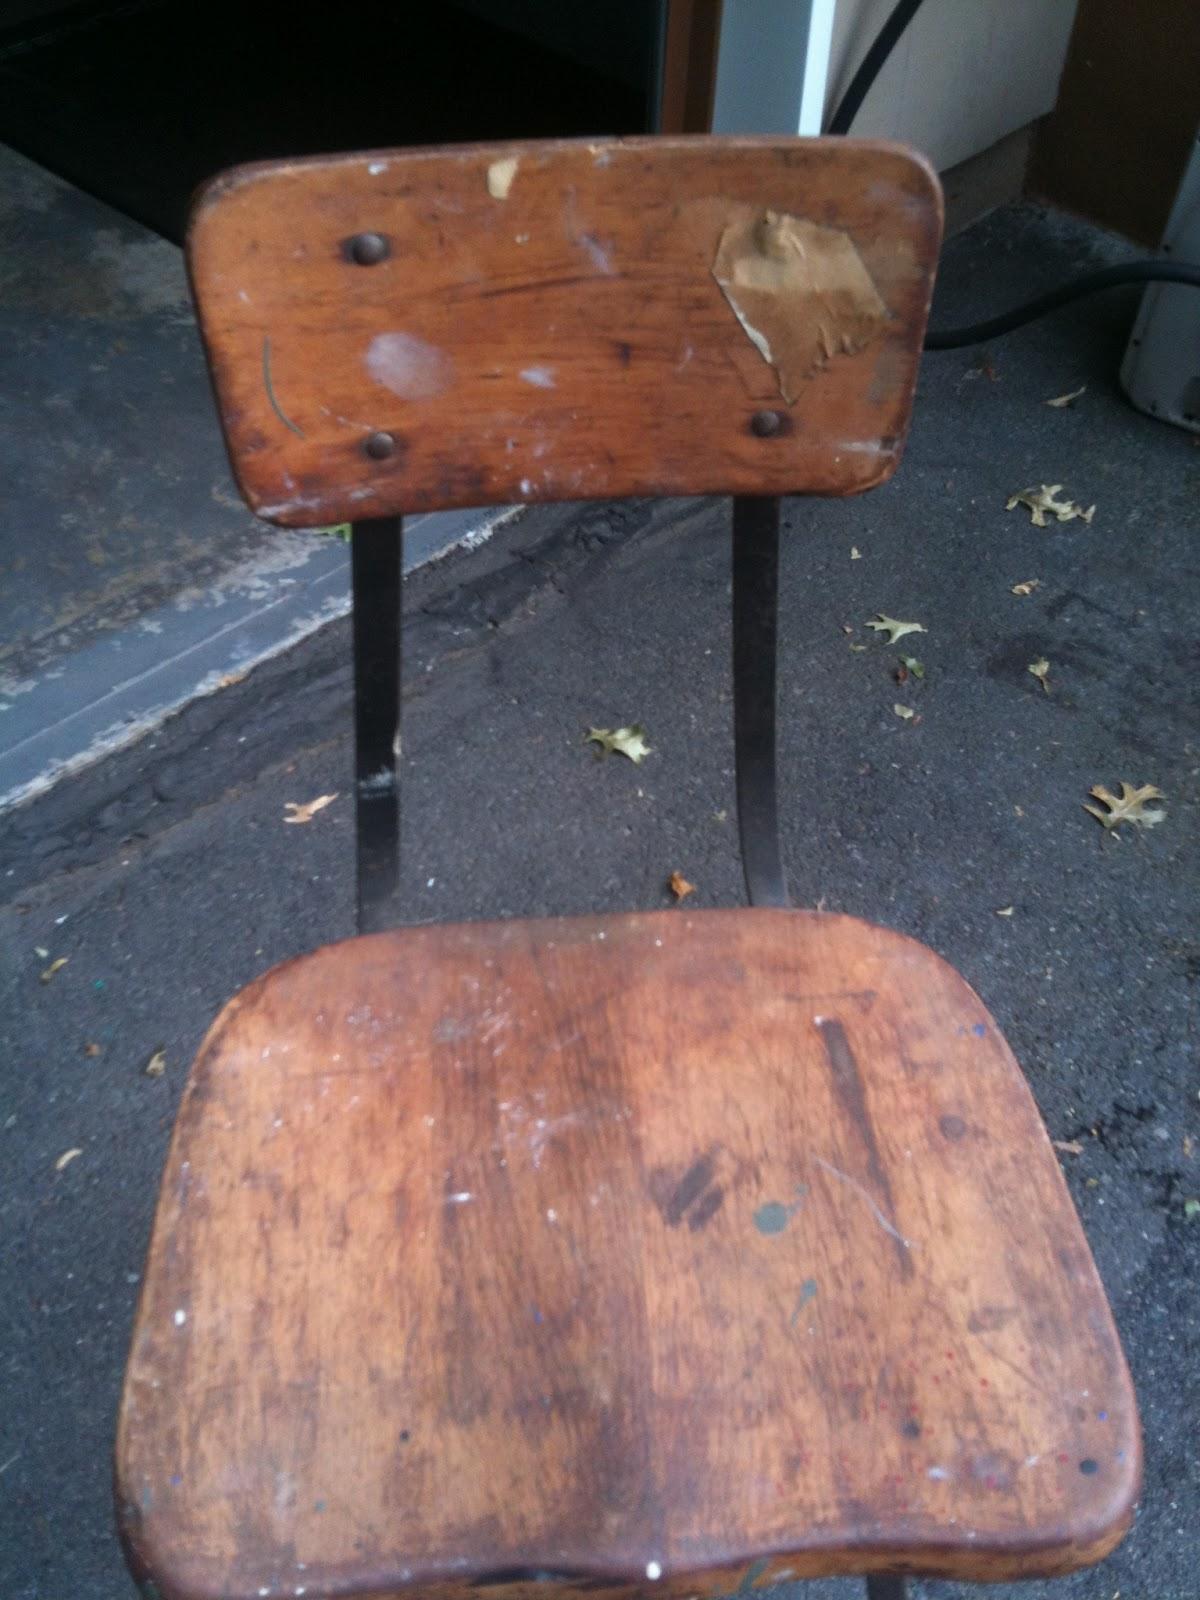 West Furniture Revival Vintage Industrial Stool Before